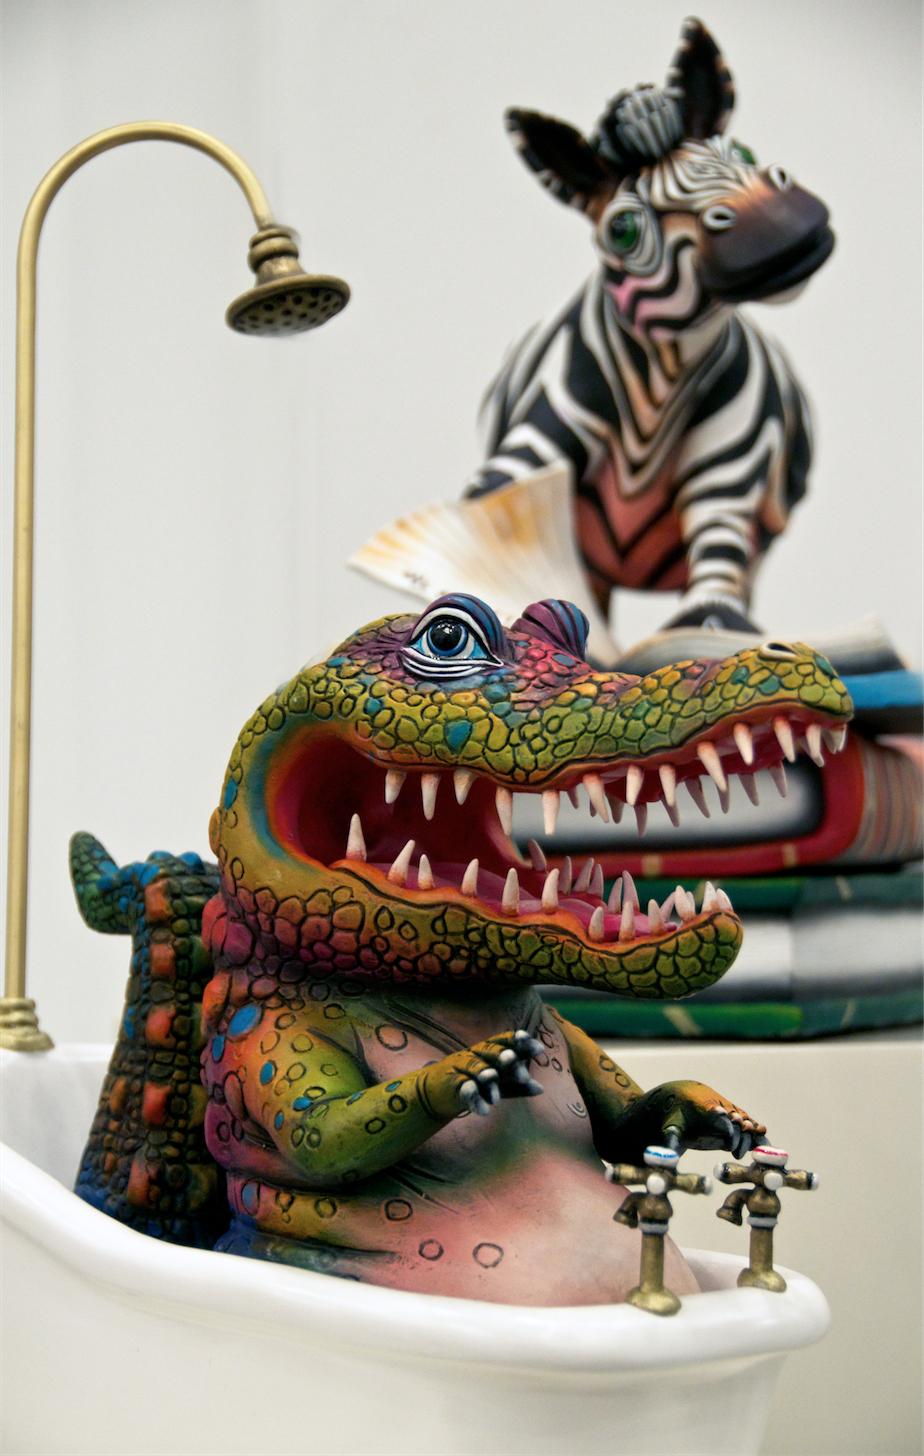 Crocodile and Zebra Bathtub